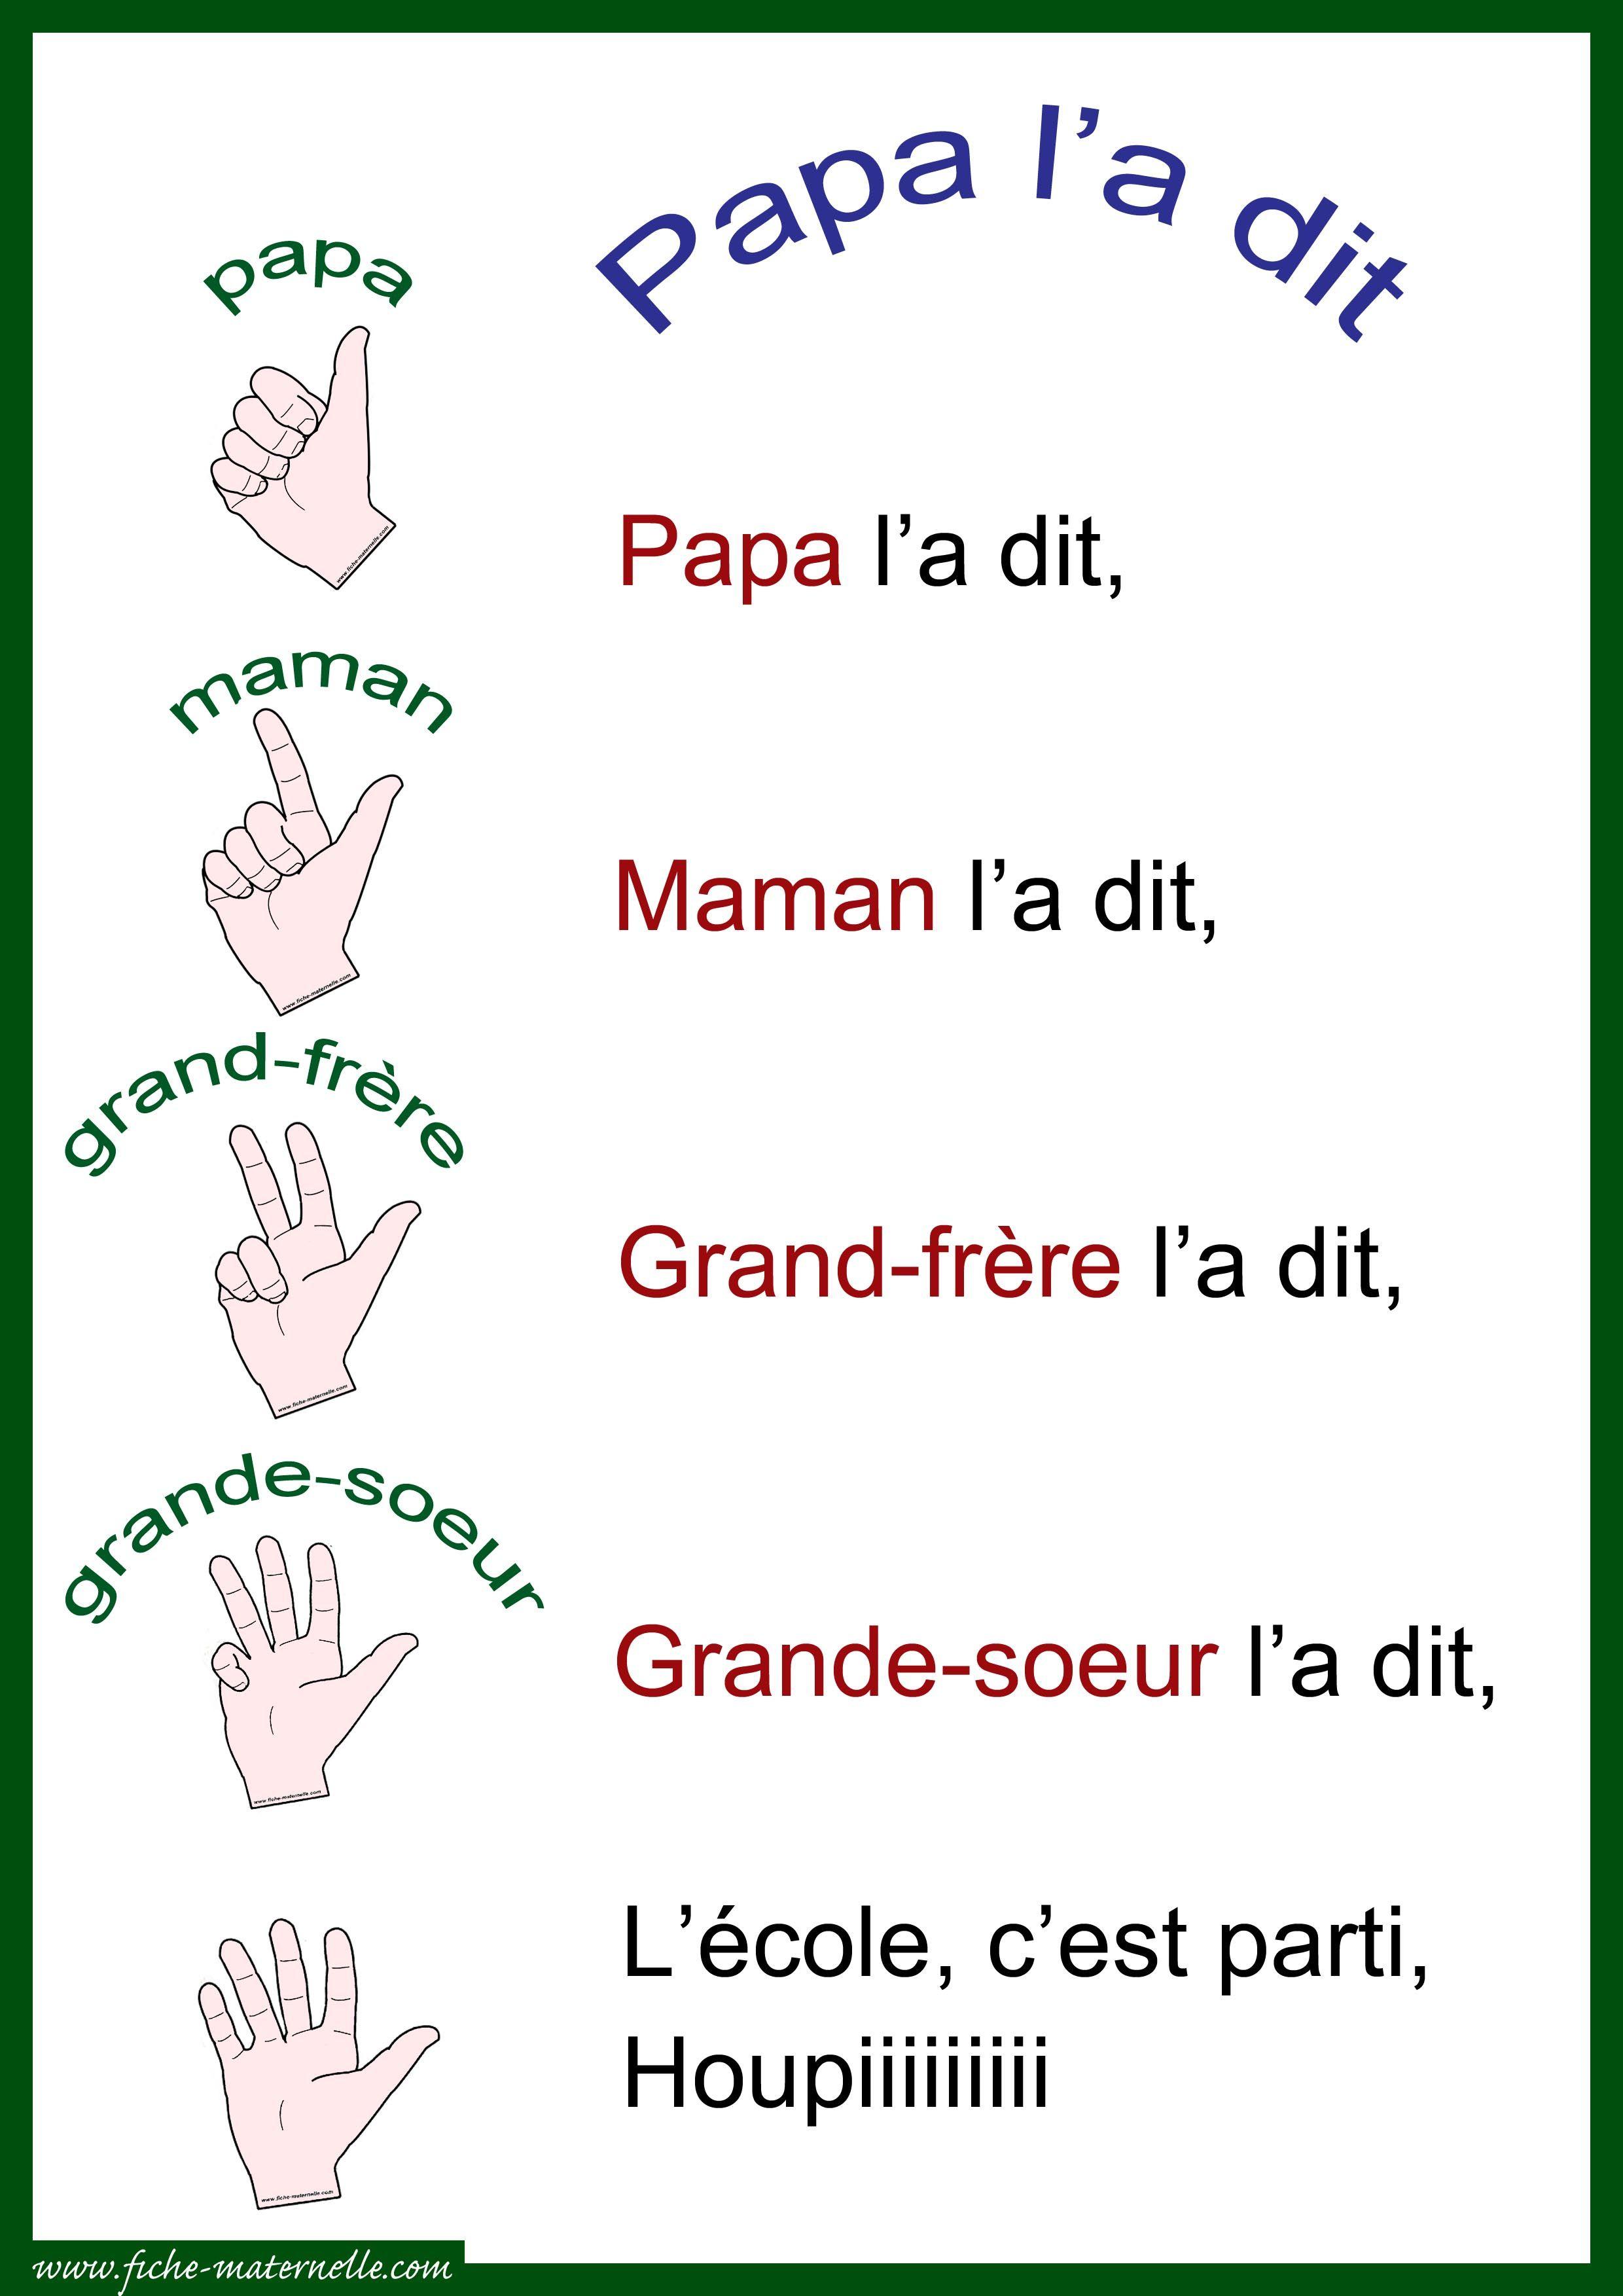 http://www.fiche-maternelle.com/papa-l-a-dit.html